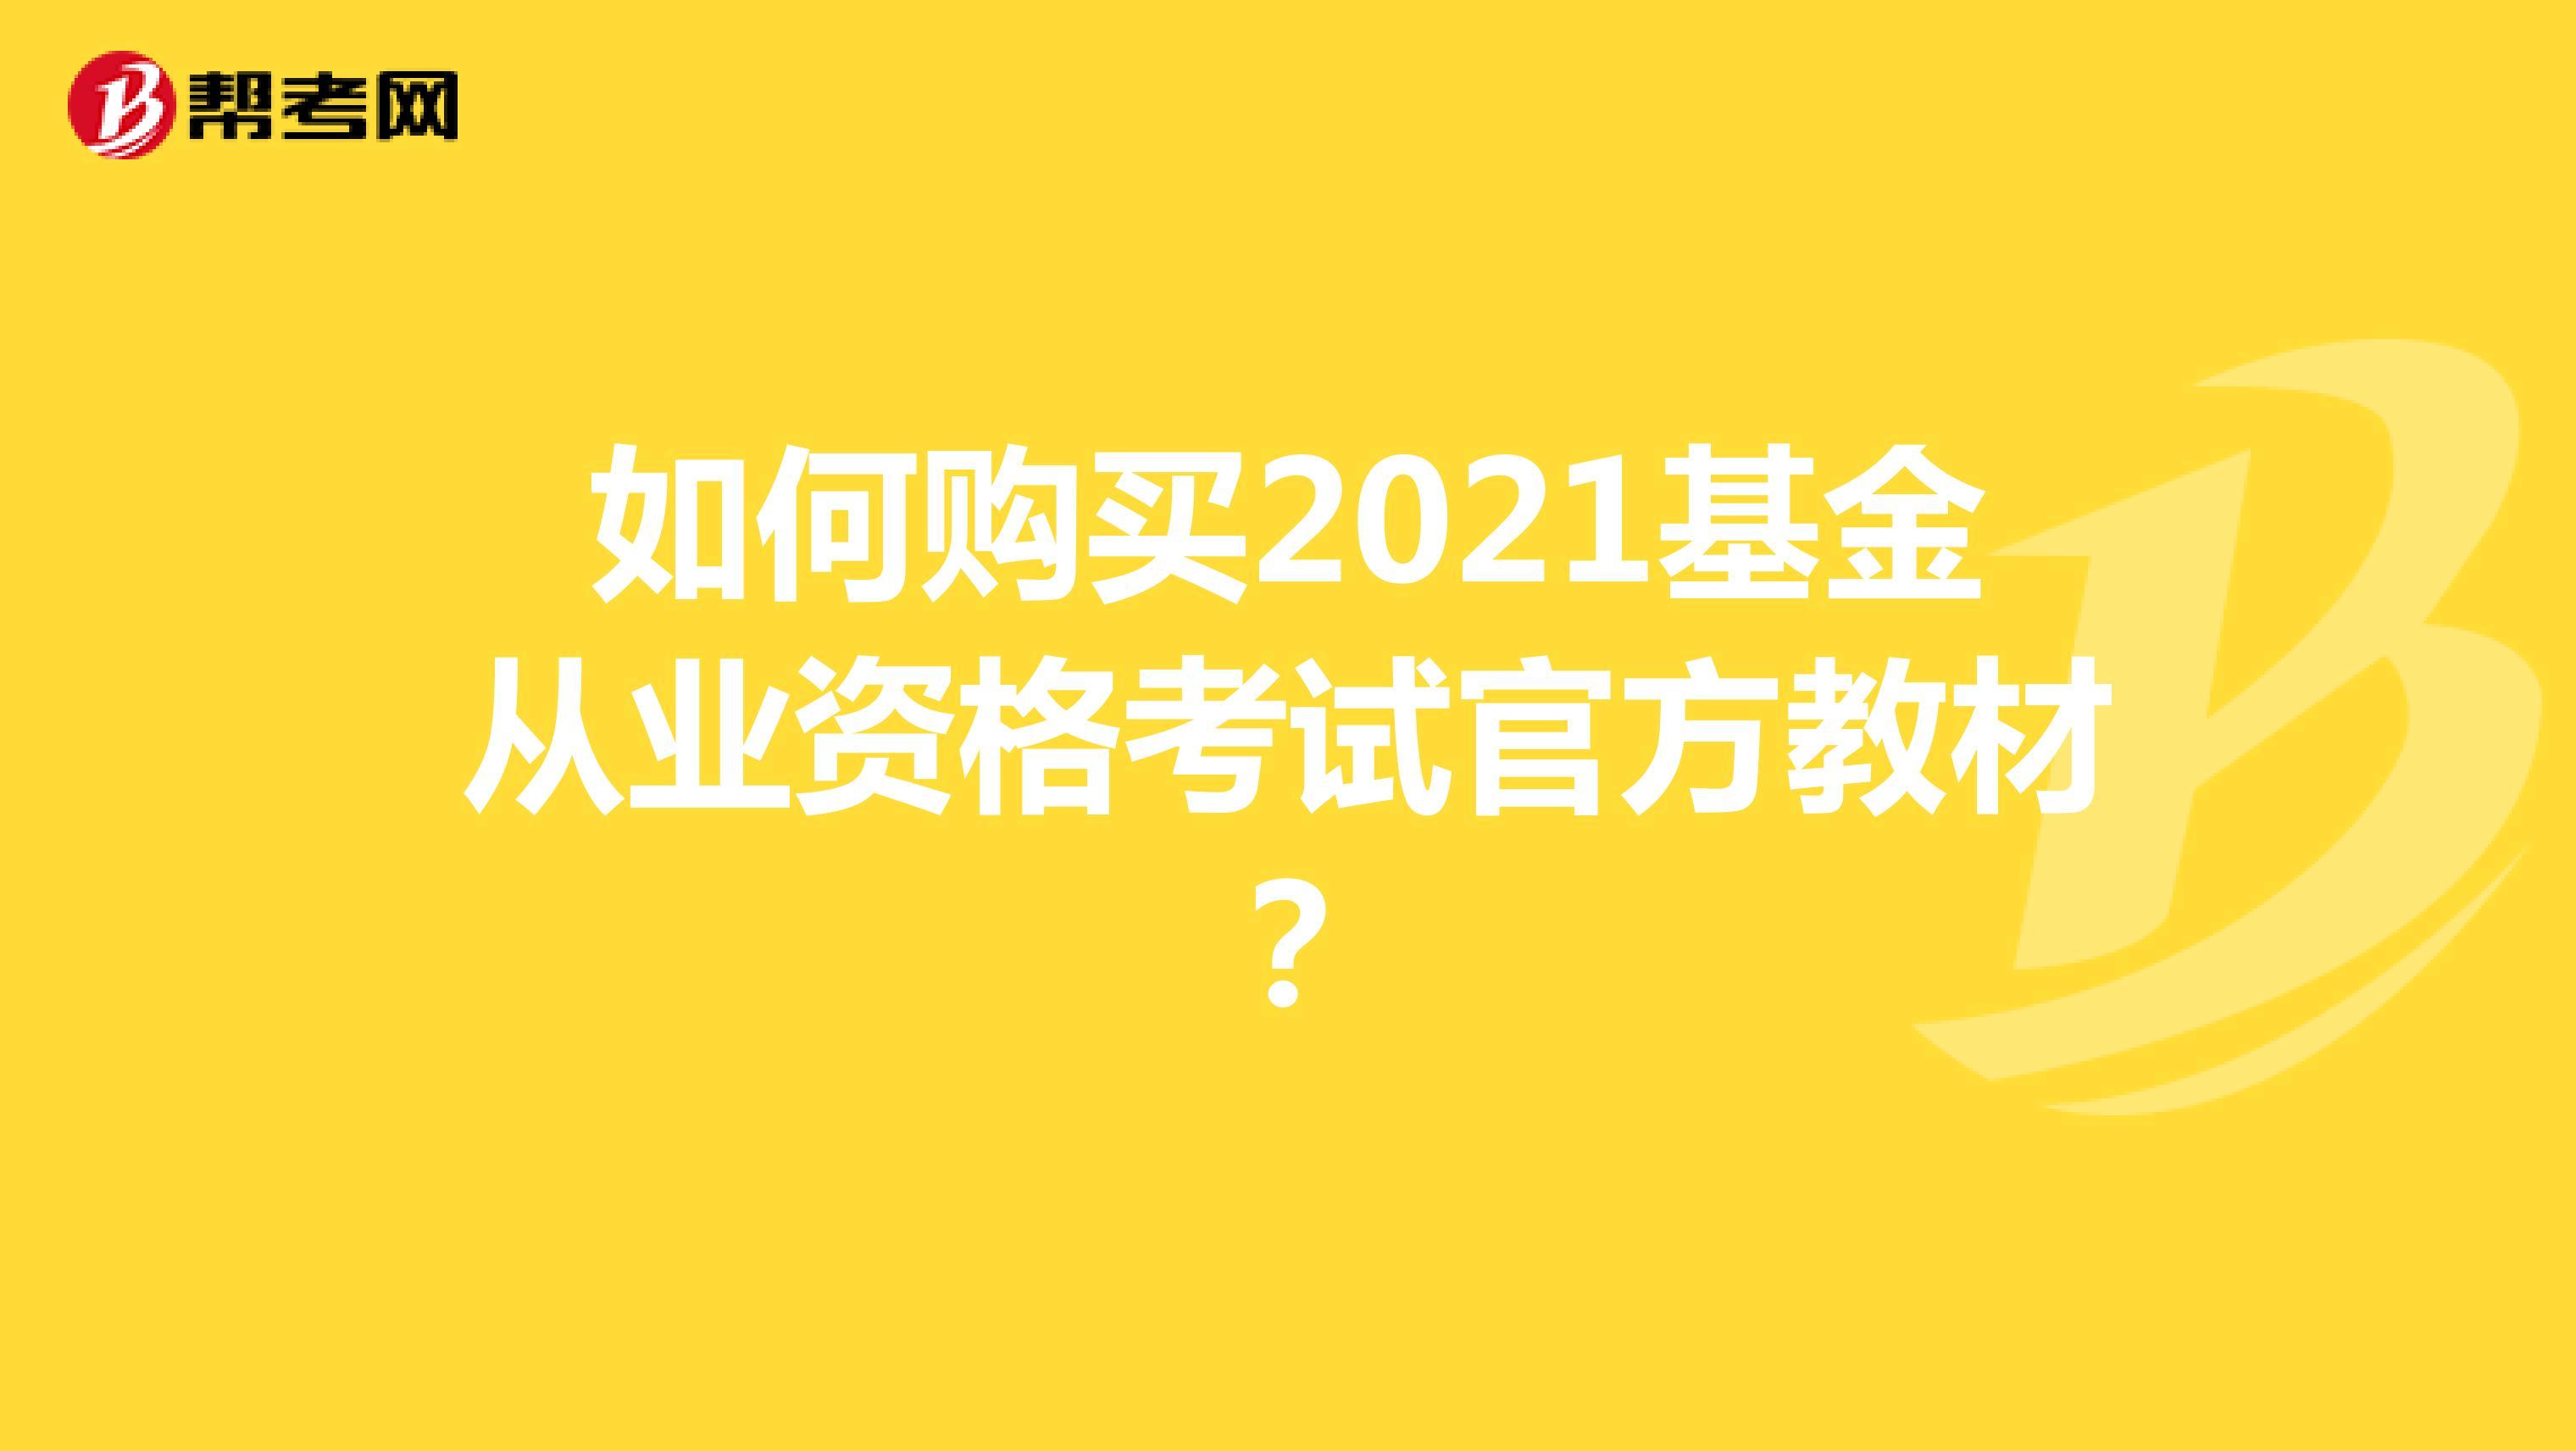 如何购买2021基金从业资格考试官方教材?